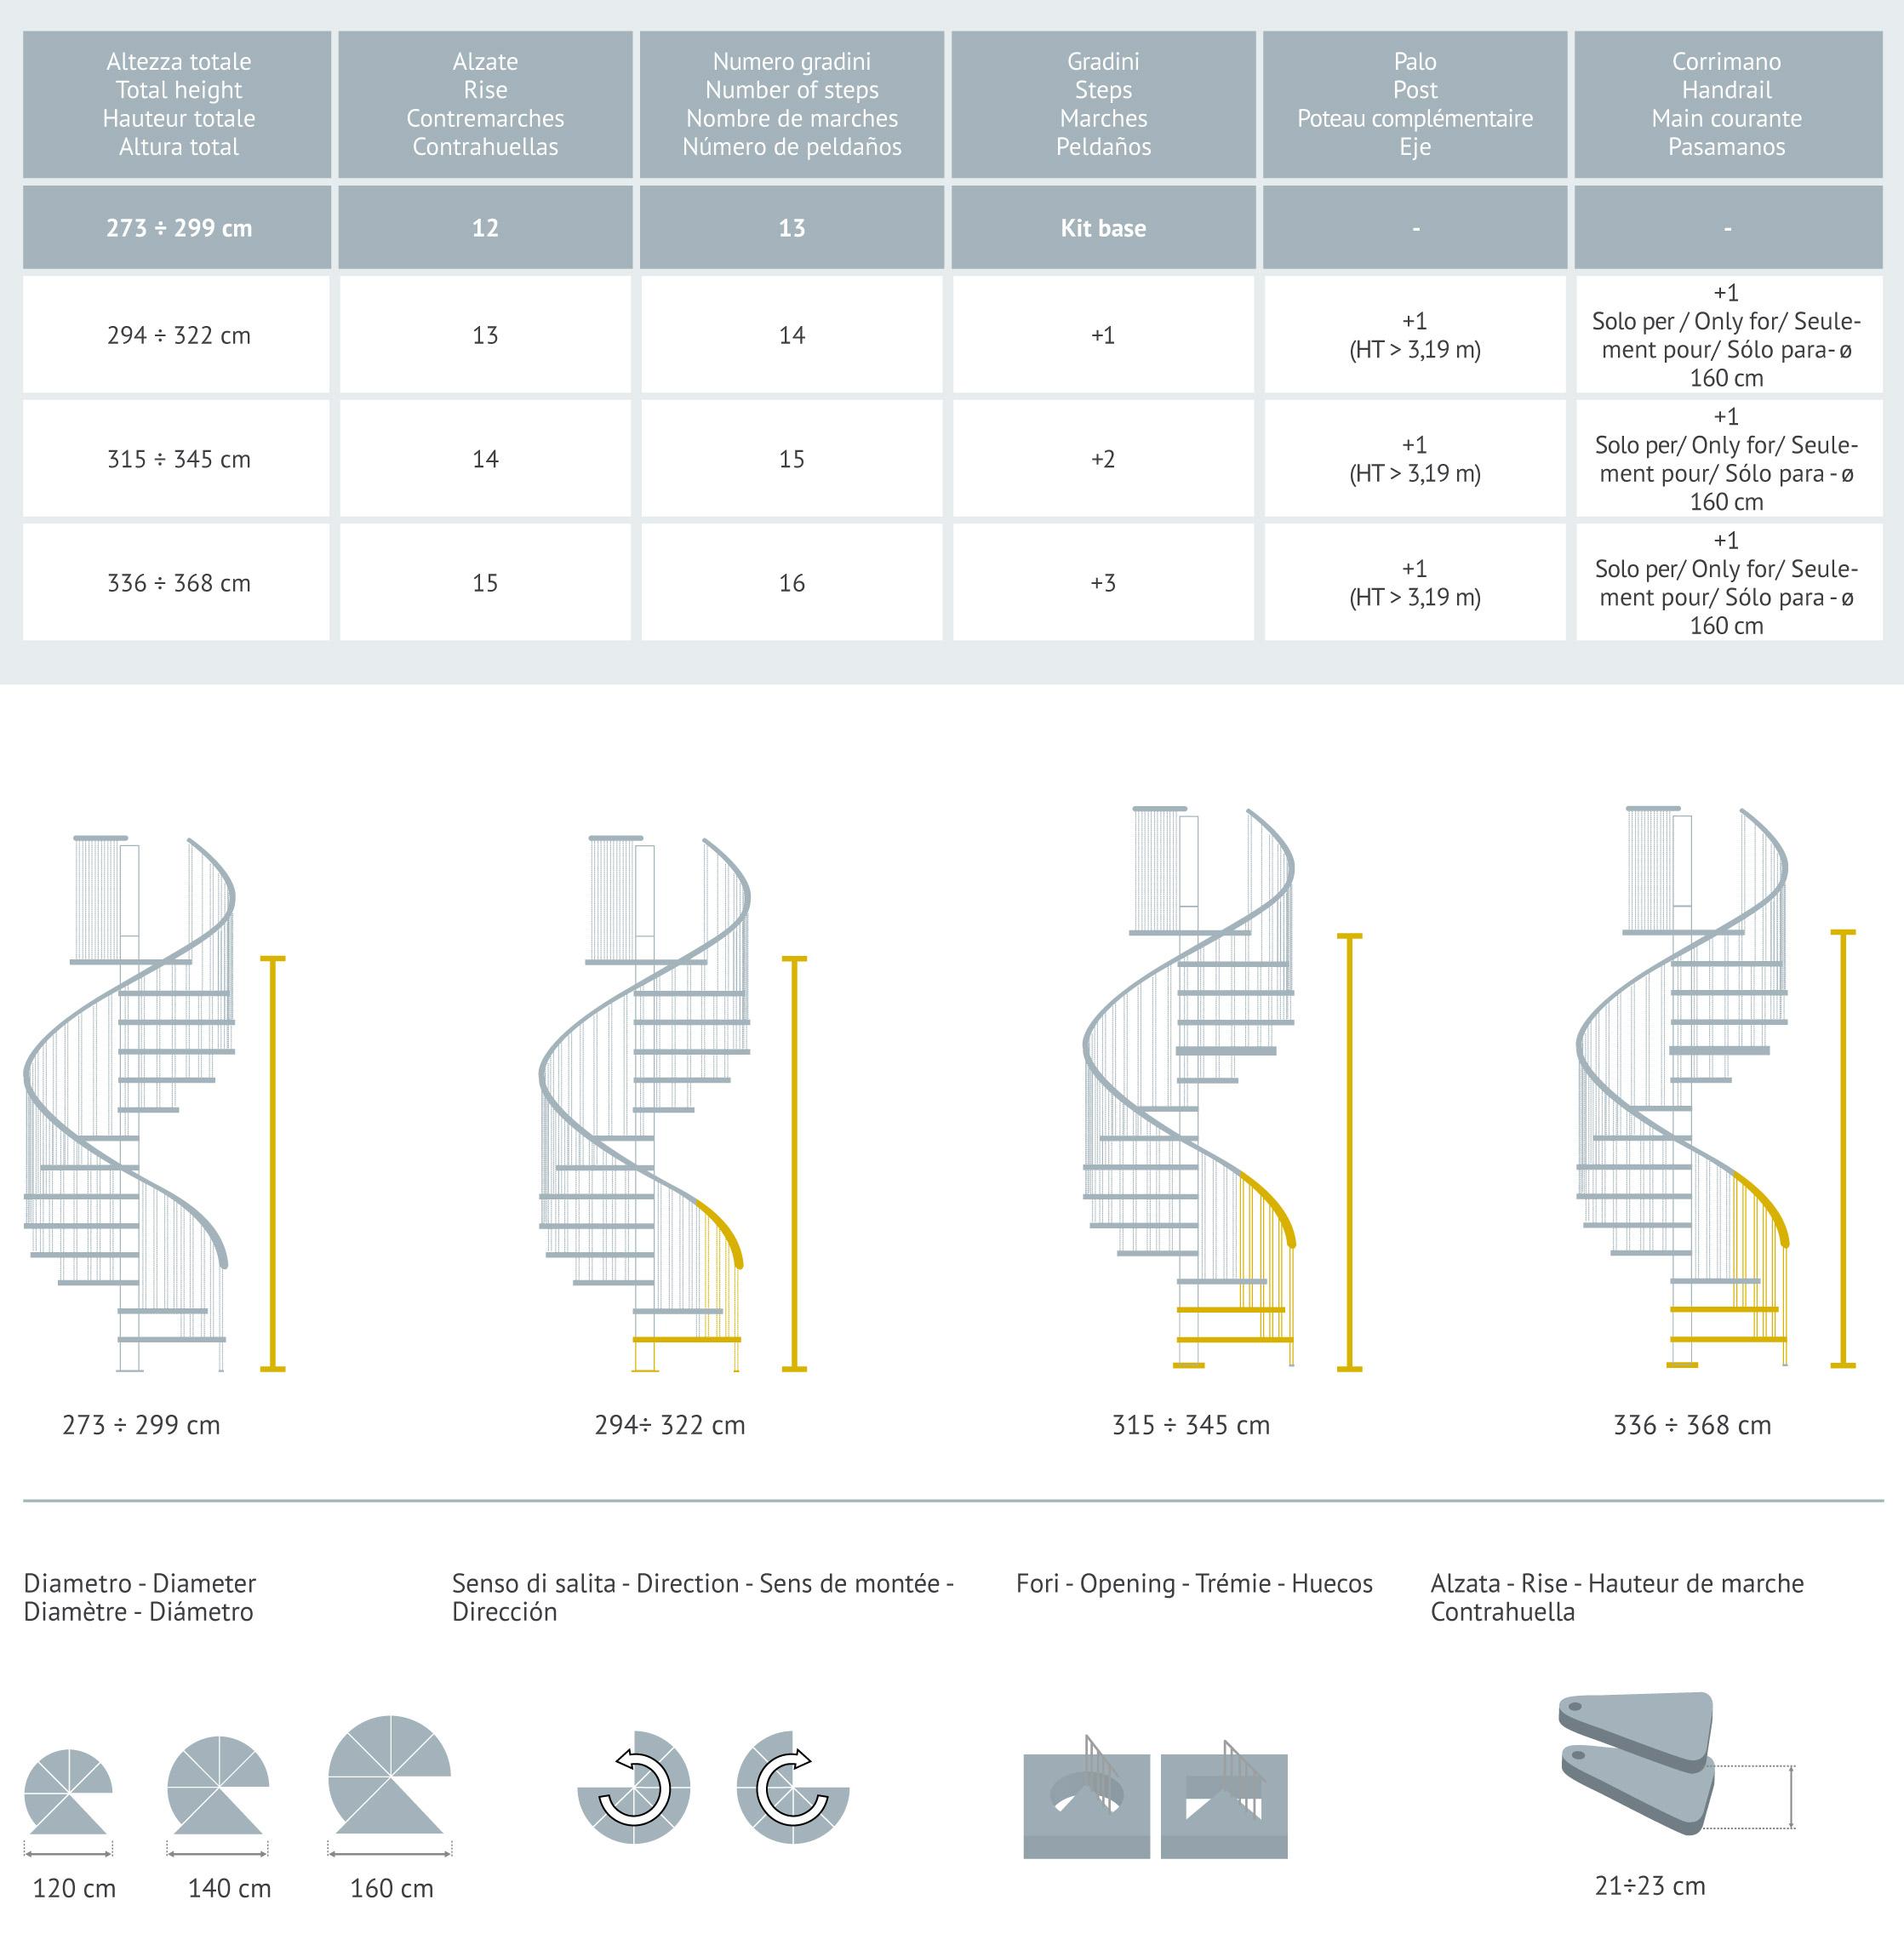 Escalera De Caracol Escalera En Caracol Fabricada En Italia ~ Dimensiones Escalera De Caracol